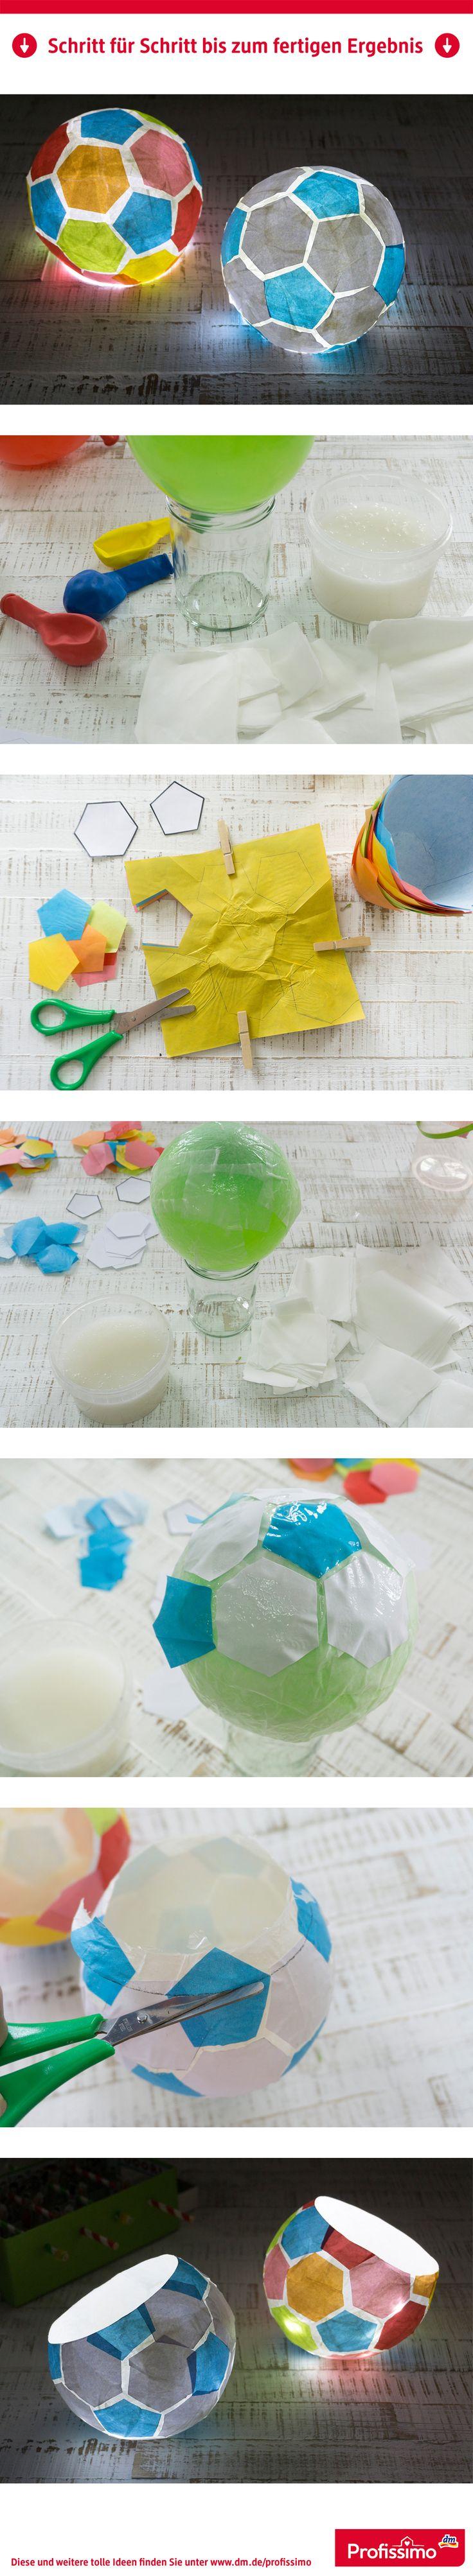 Einfache Technik, große Wirkung! Fußball-Lampe // Mit Luftballon und Kleister können kleine und große Fußballfans dieses Lämpchen nachbasteln. // // Eine Schritt-für-Schritt Anleitung finden Sie auf dm.de/profissimo-kreativ // #ProfissimoKreativ #basteln #Idee #Kreativ #DIY – Profissimo | dm